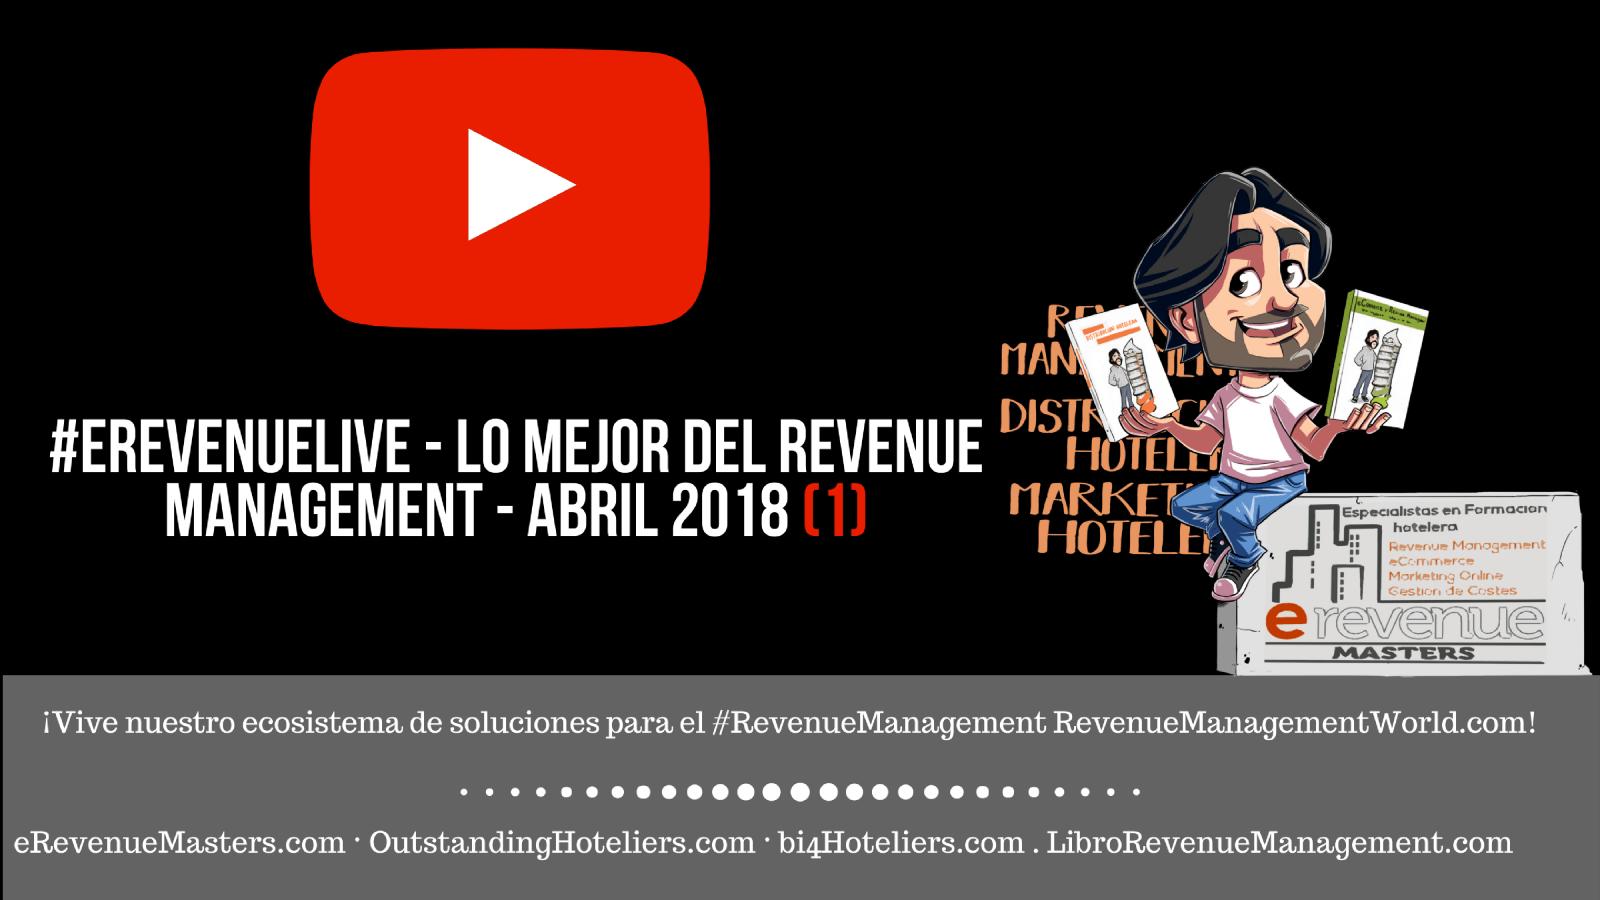 (video & Podcast) #eRevenueLive - Lo mejor del Revenue Management - abril 2018 (1)